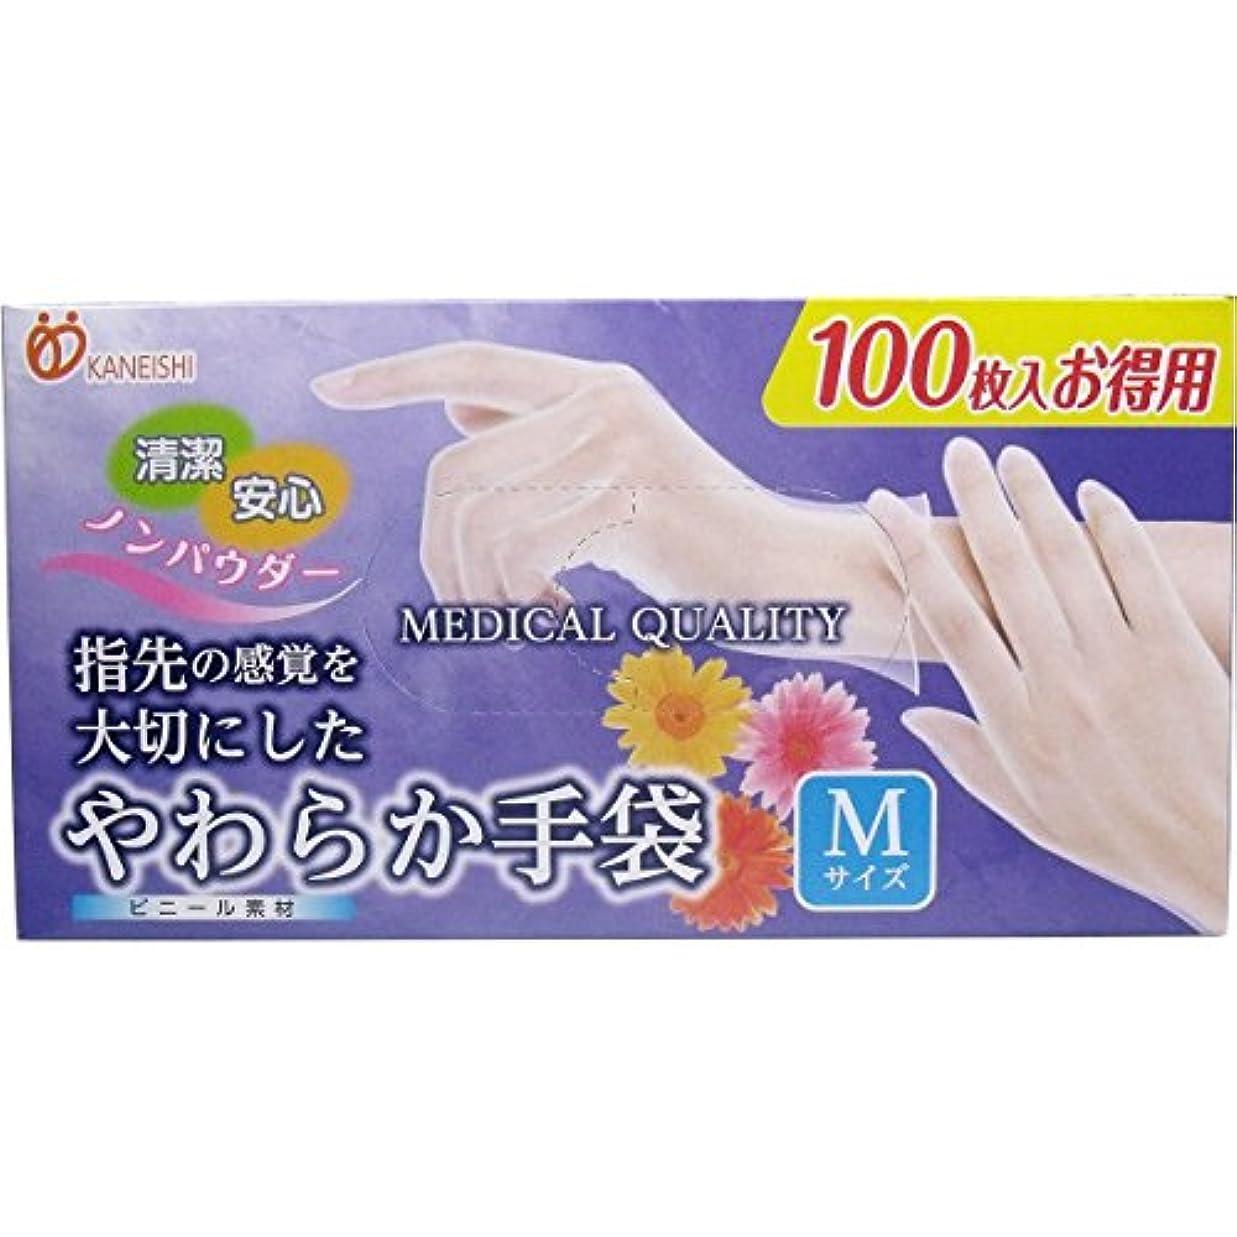 見物人なだめるベリやわらか手袋 ビニール素材 Mサイズ 100枚入x8